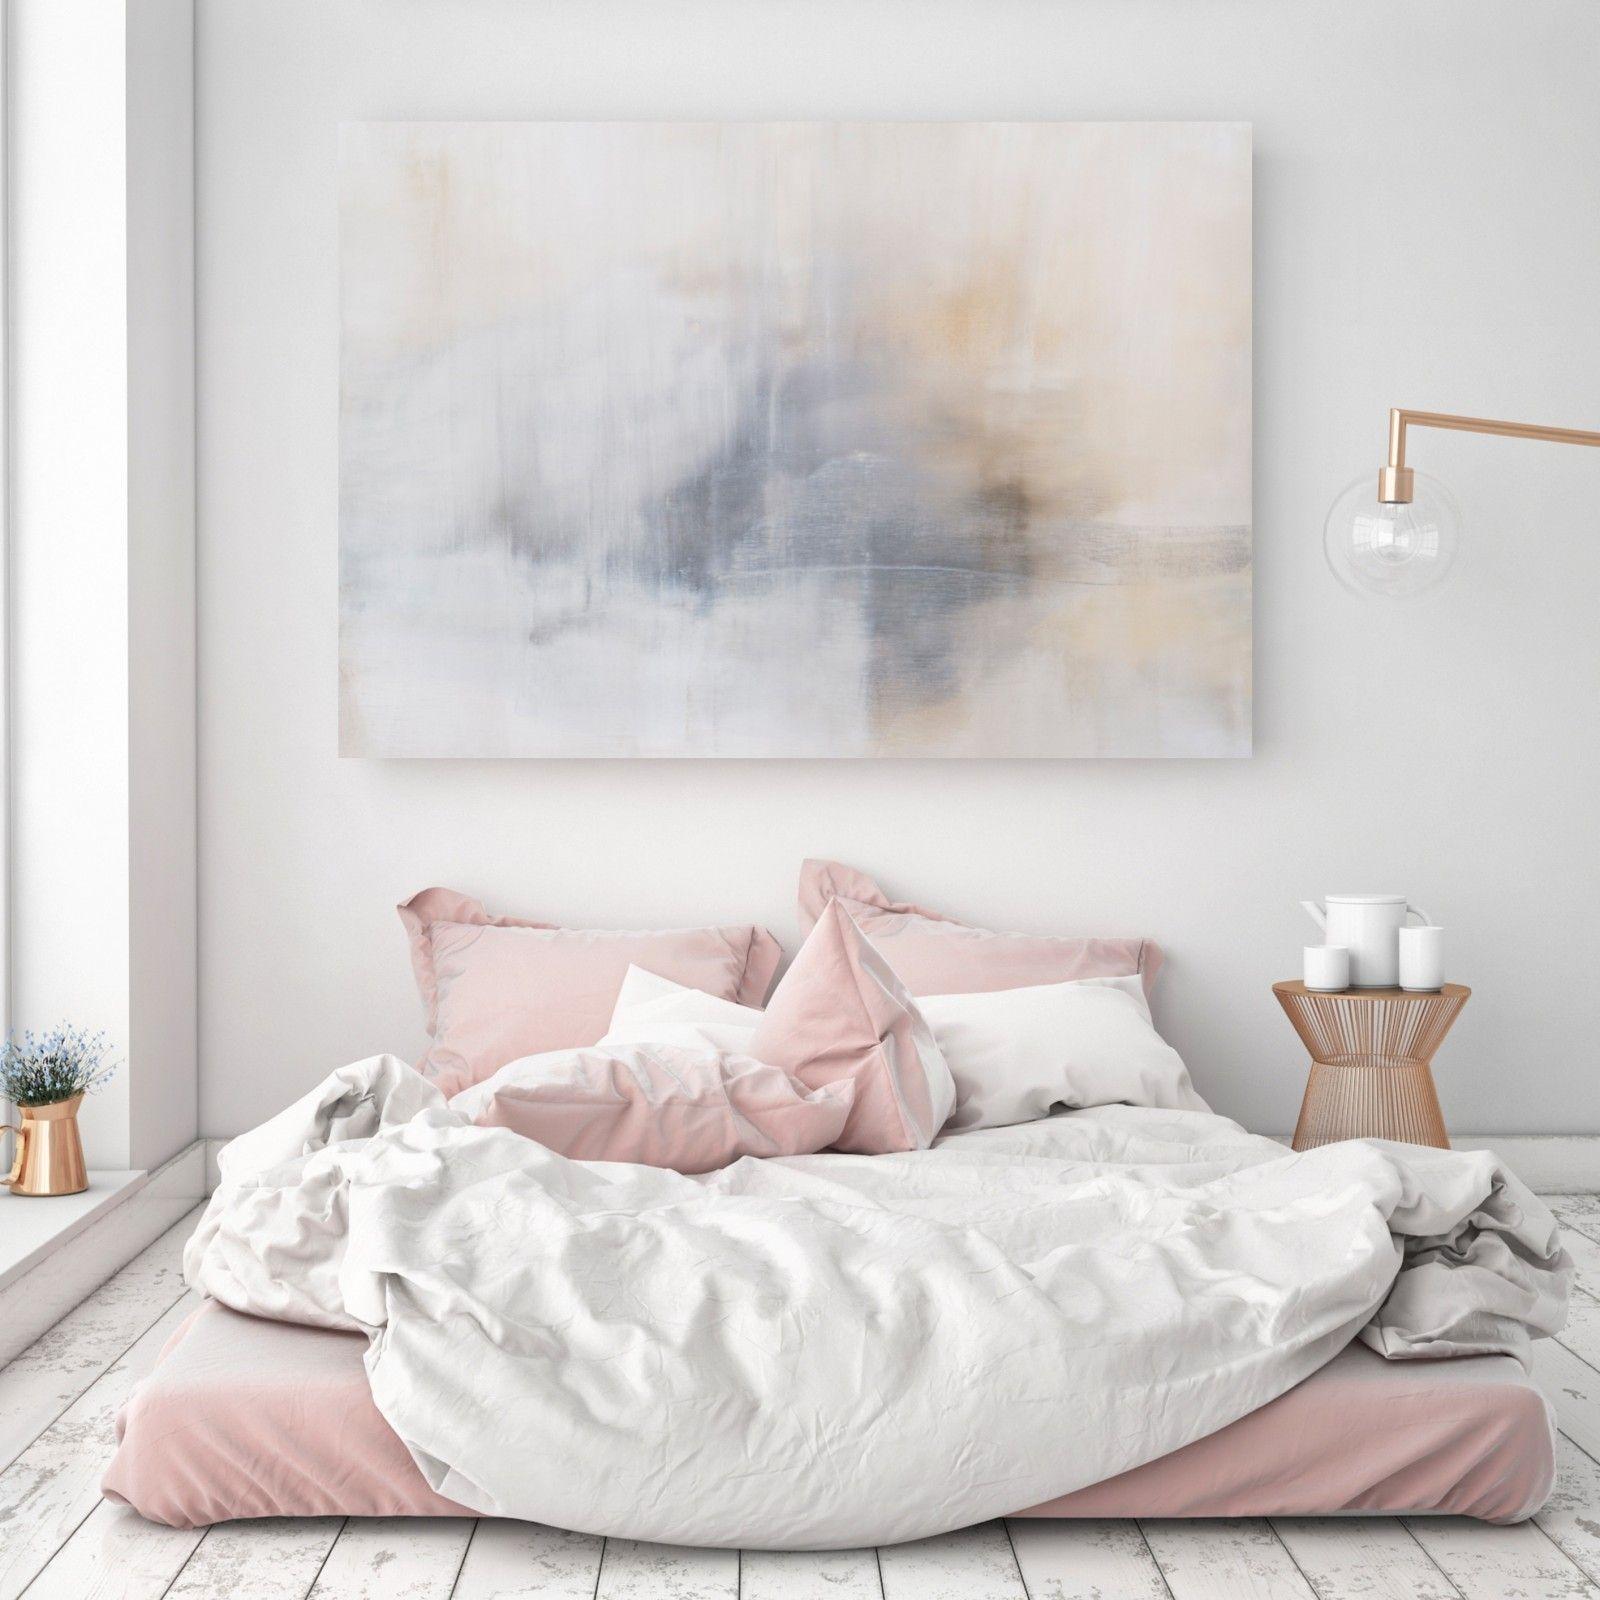 Mách bạn 10 mẹo giúp phòng ngủ nhỏ cỡ nào cũng xinh long lanh - Ảnh 9.